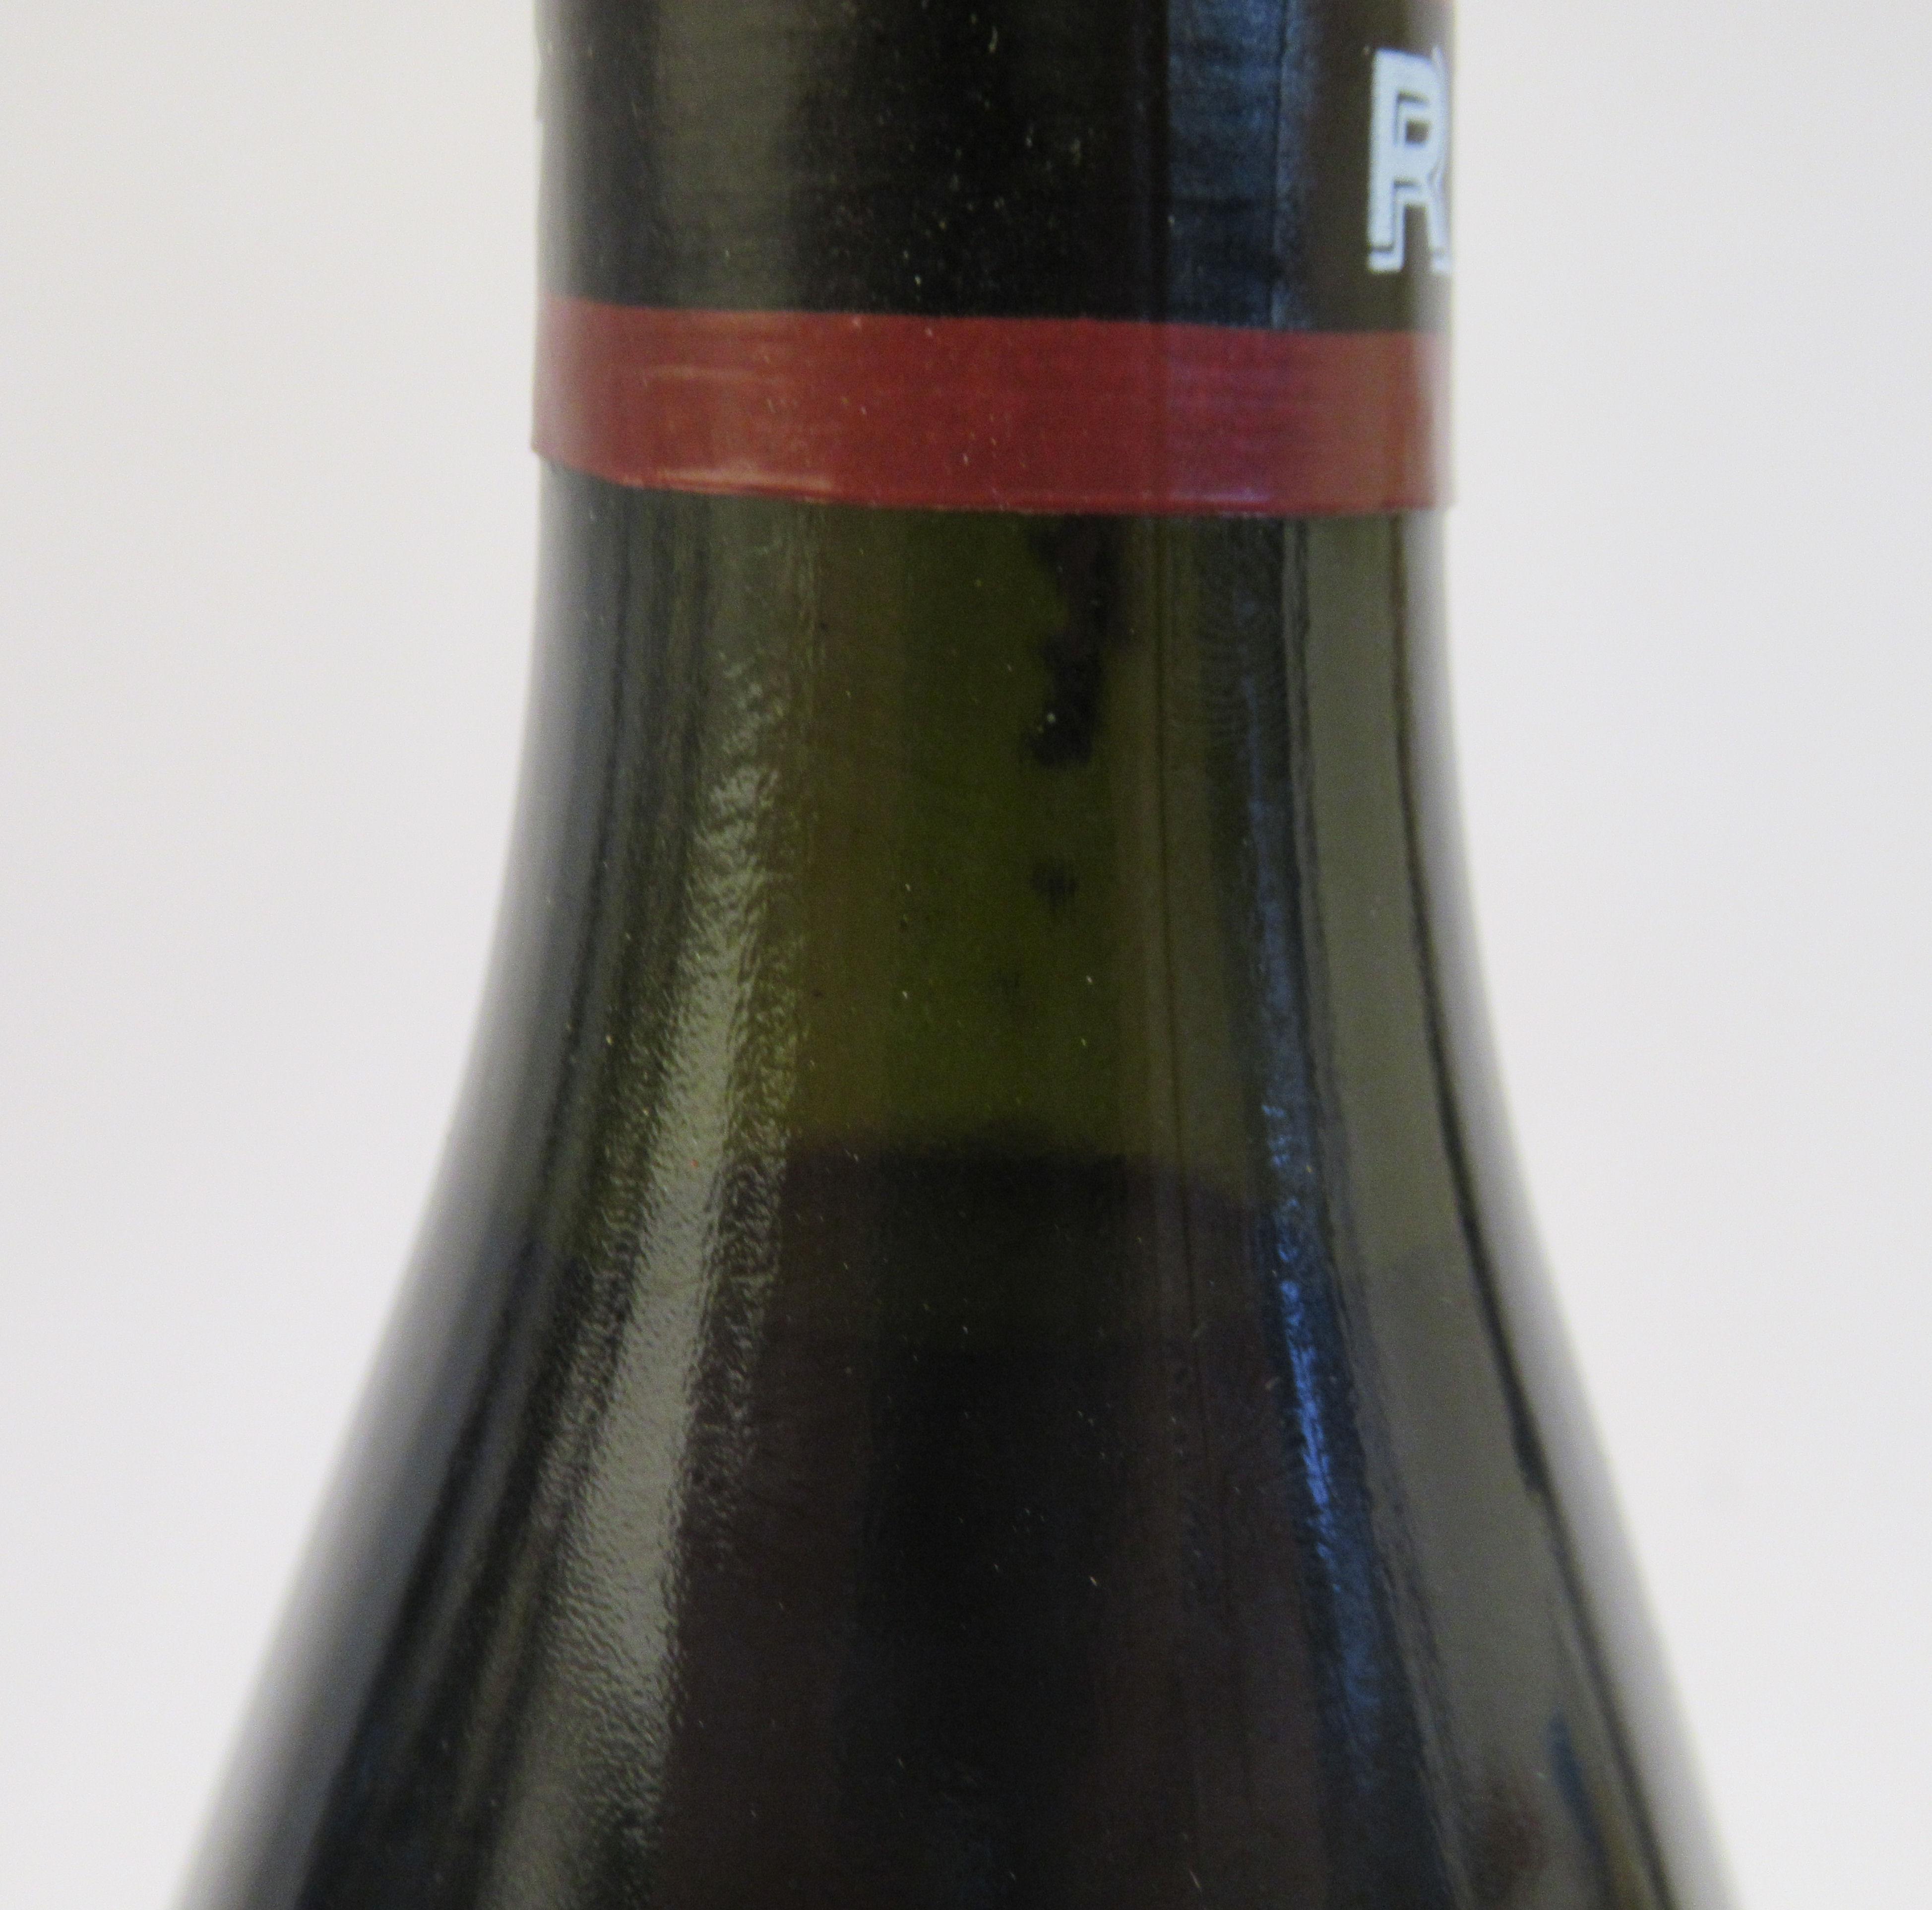 Wine, a bottle of 1996 Richebourg Domaine De La Romanee-Conti (bottle number 04820) - Image 2 of 3